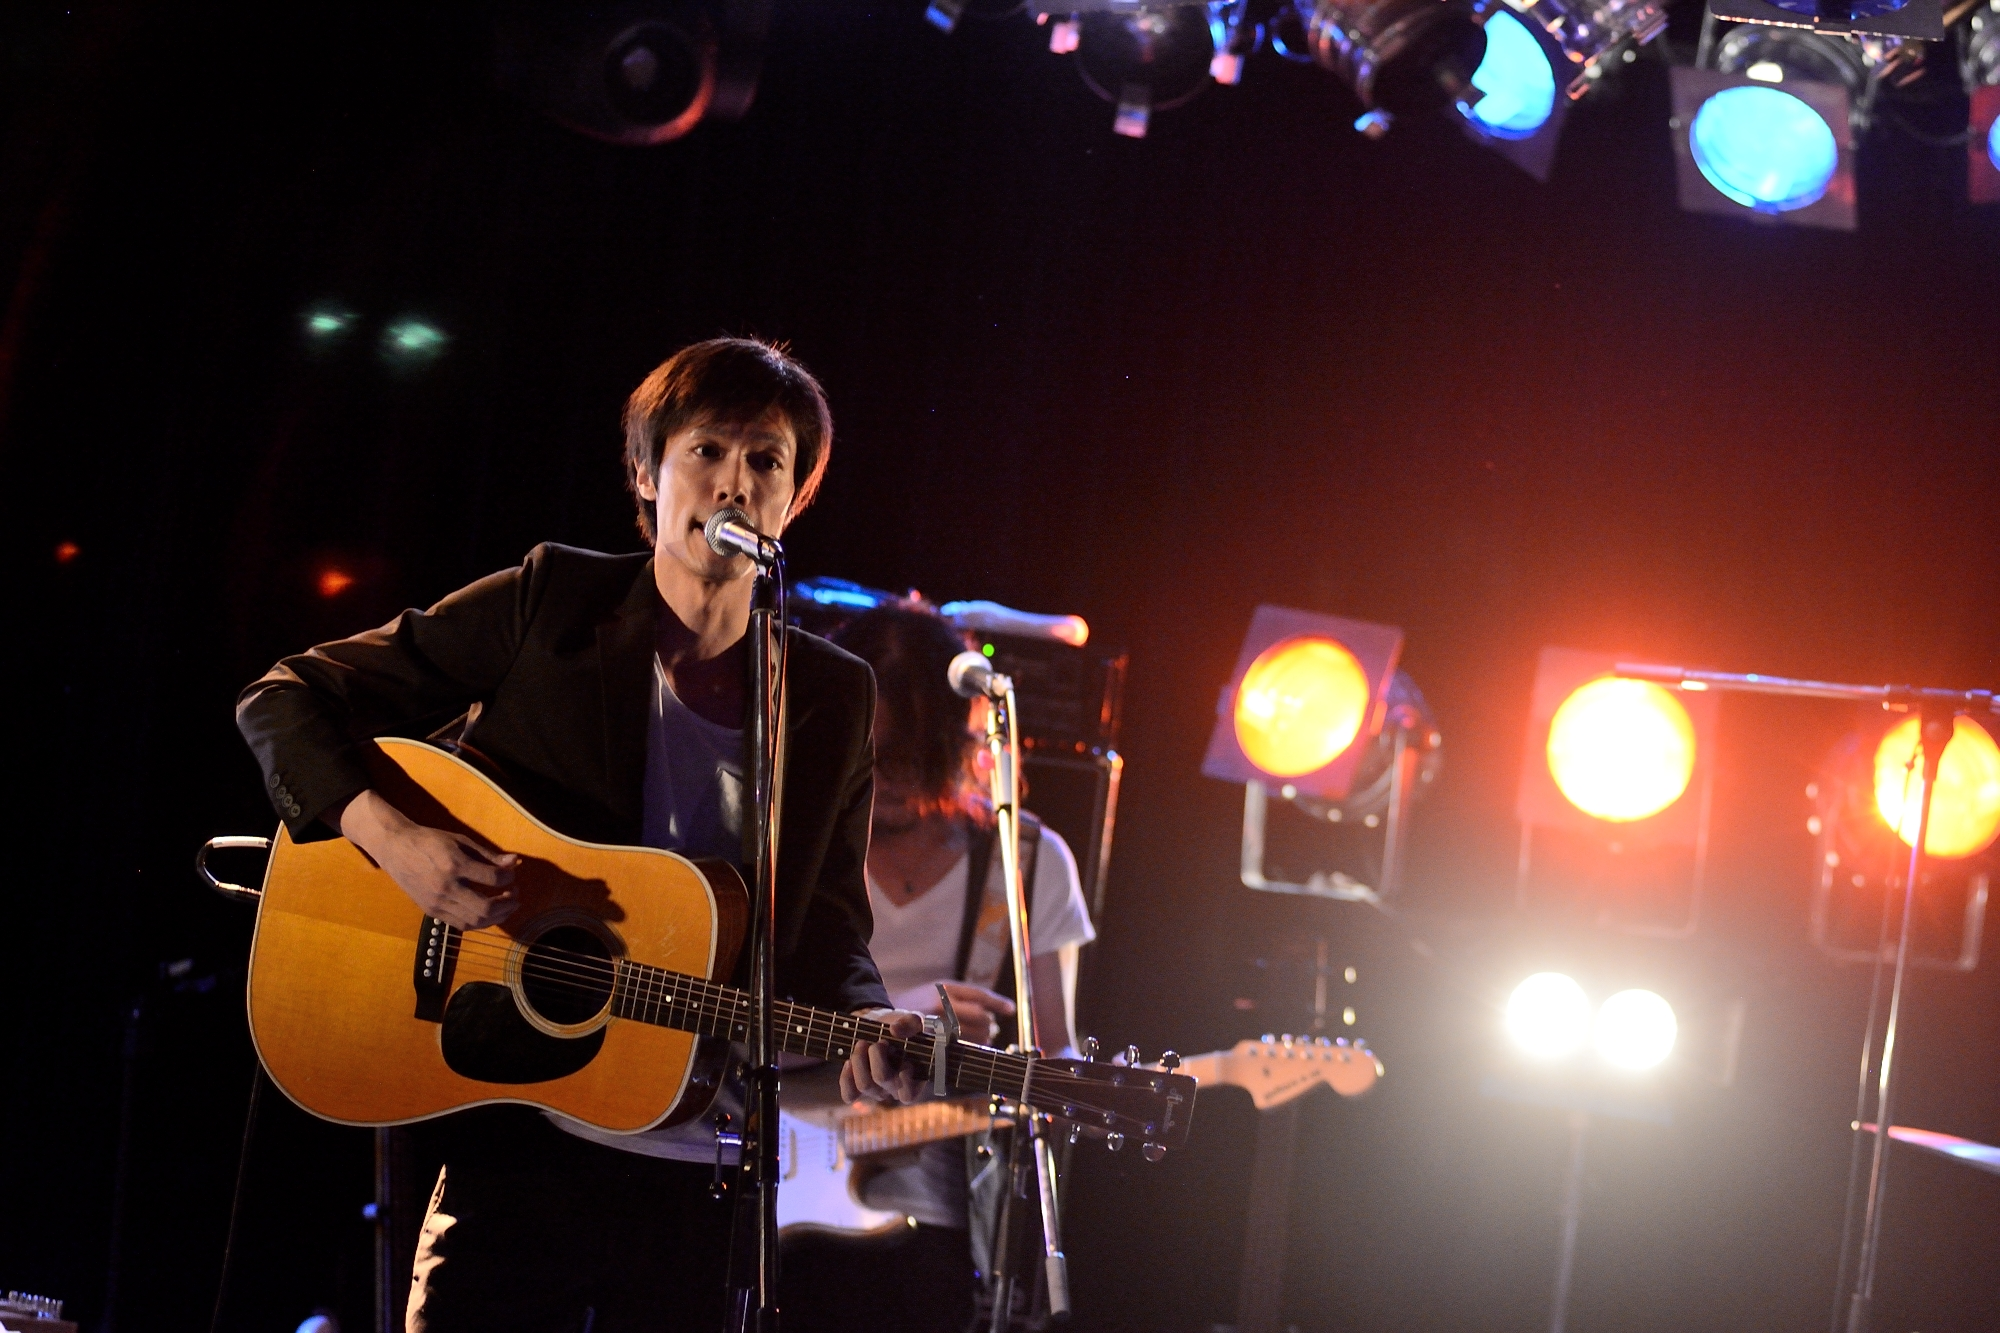 広沢タダシ Summer Tour 2014がスタート